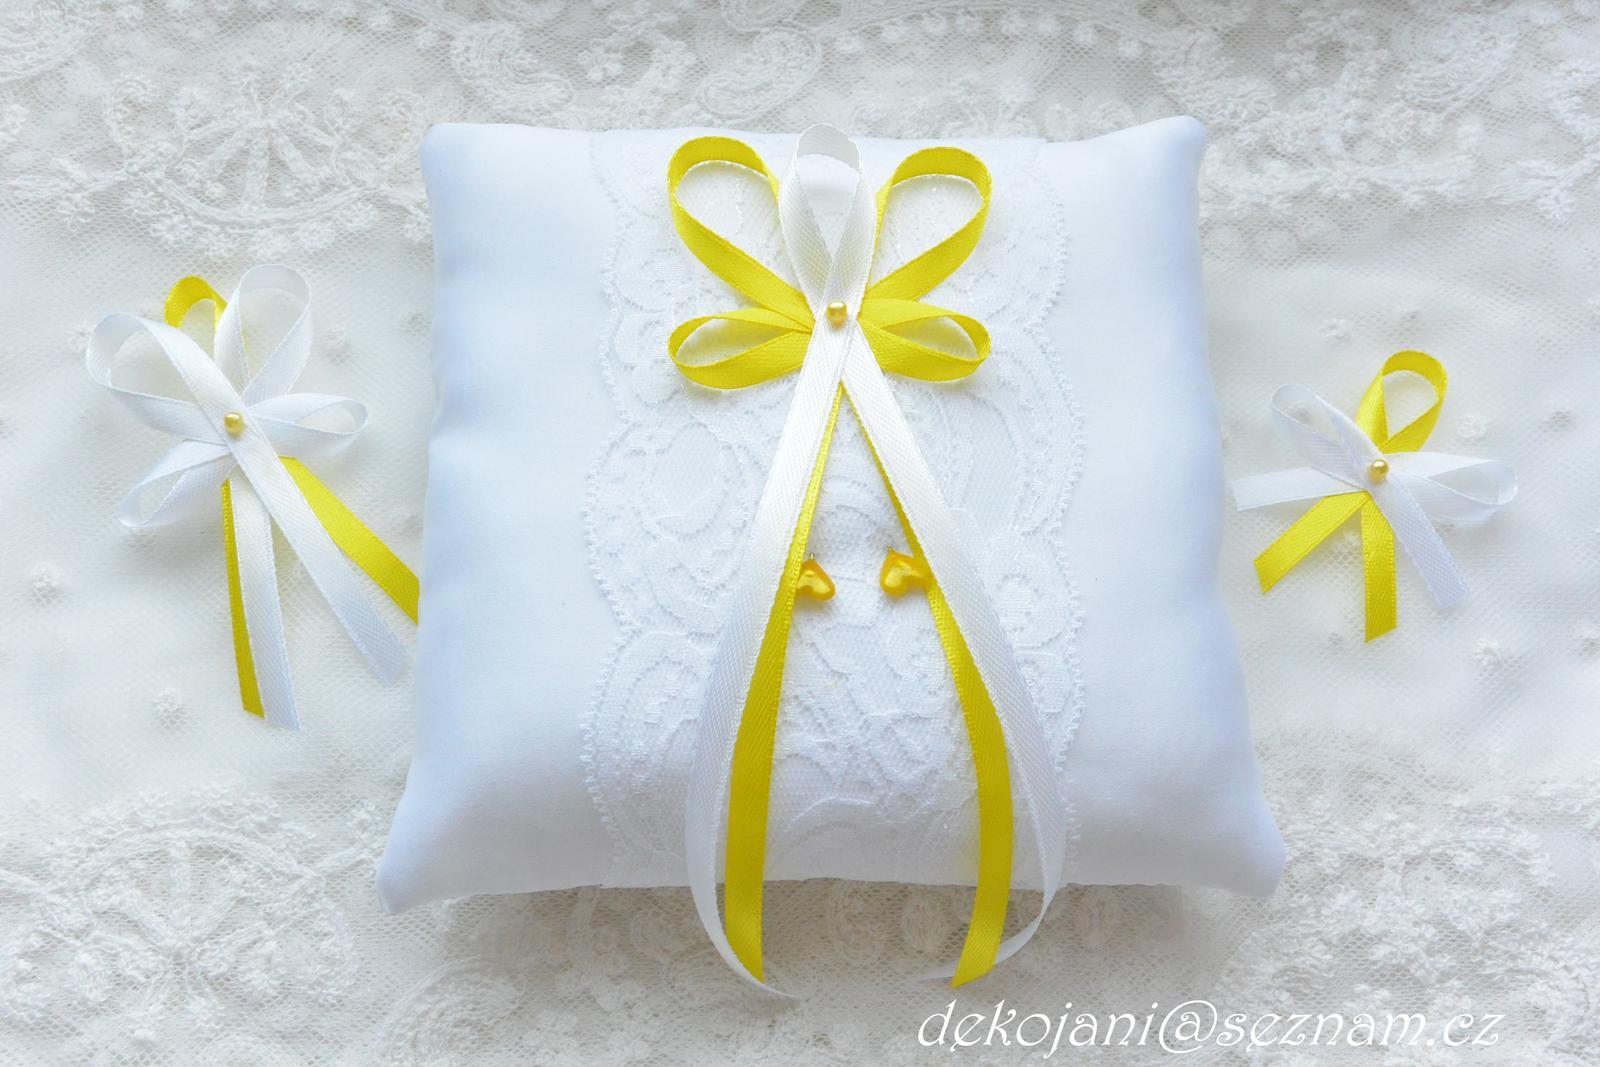 Svatební vývazky žluté - Obrázek č. 1